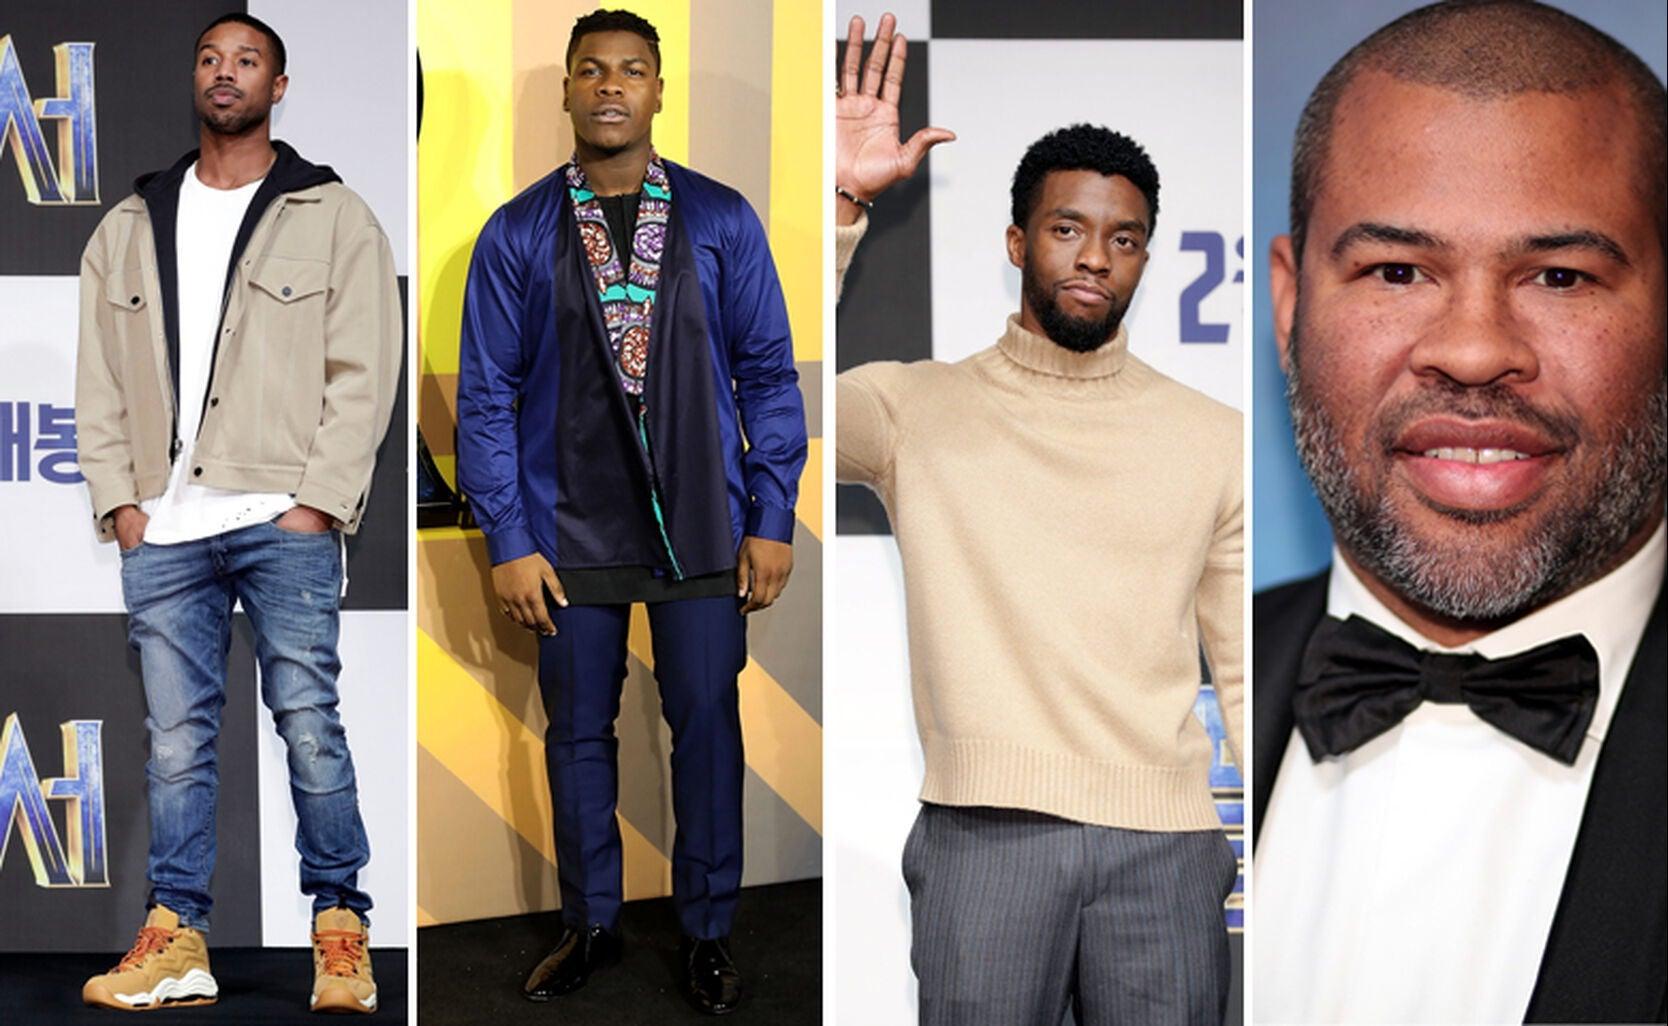 Michael B. Jordan, John Boyega, Chadwick Boseman and Jordan Peele